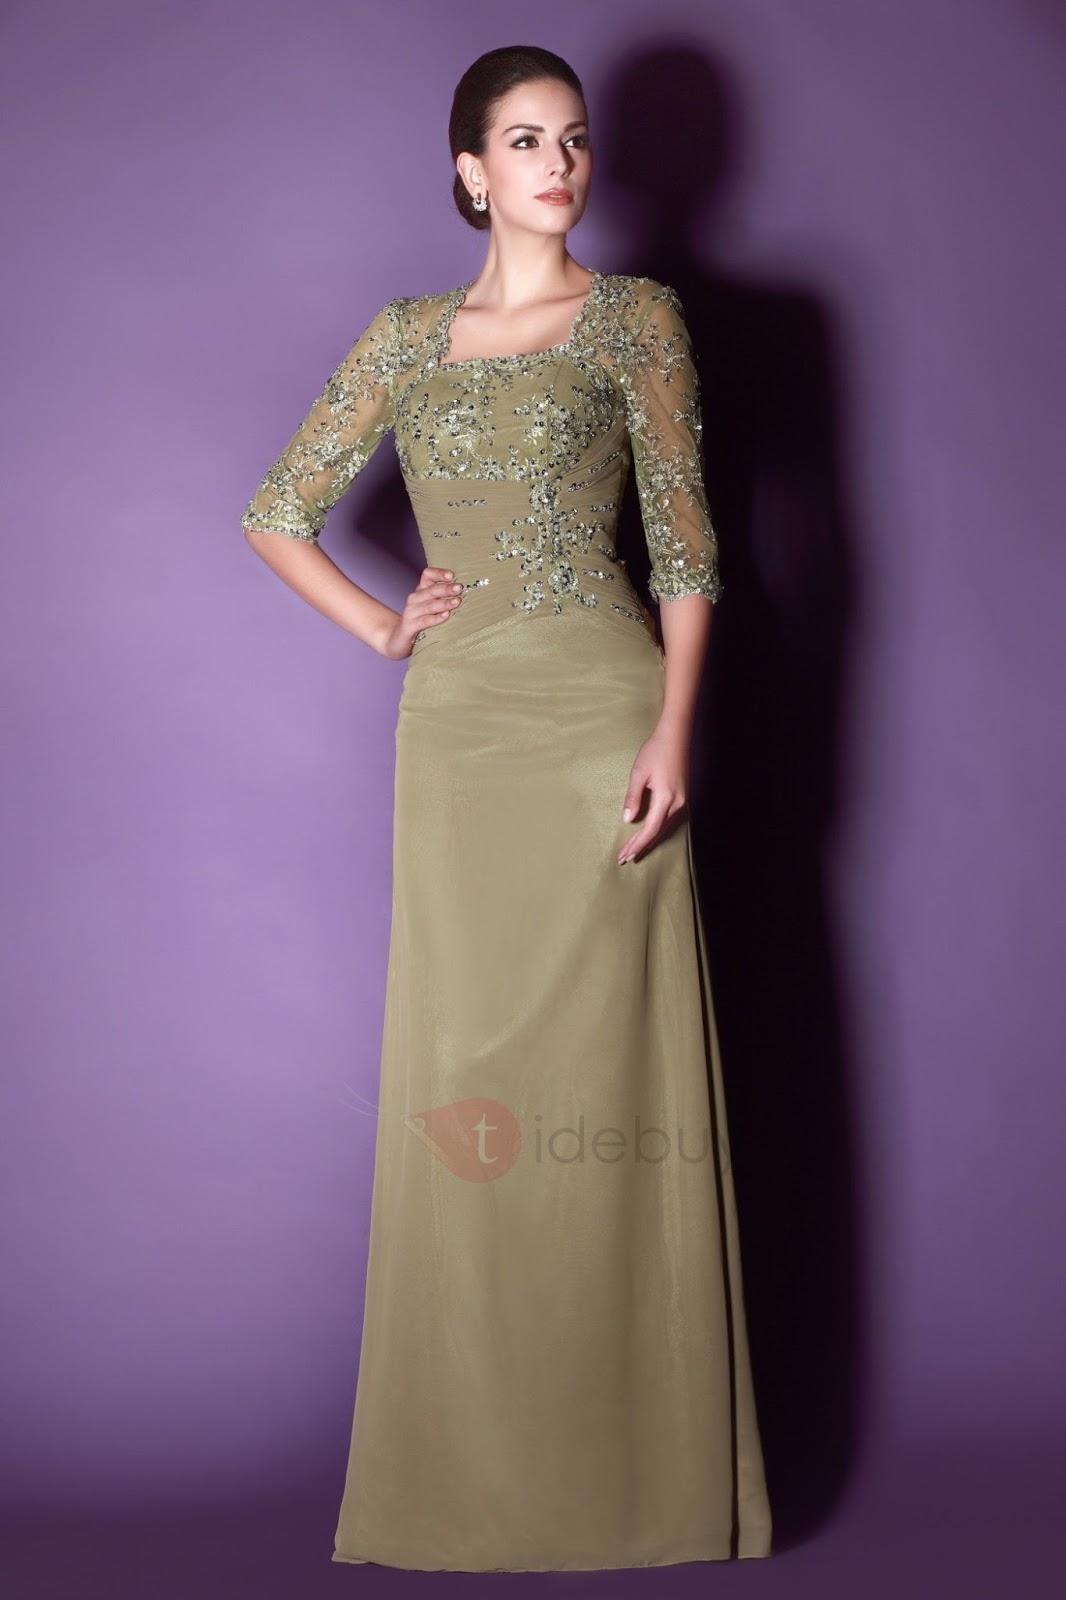 Moda y estilos: Vestidos de fiesta